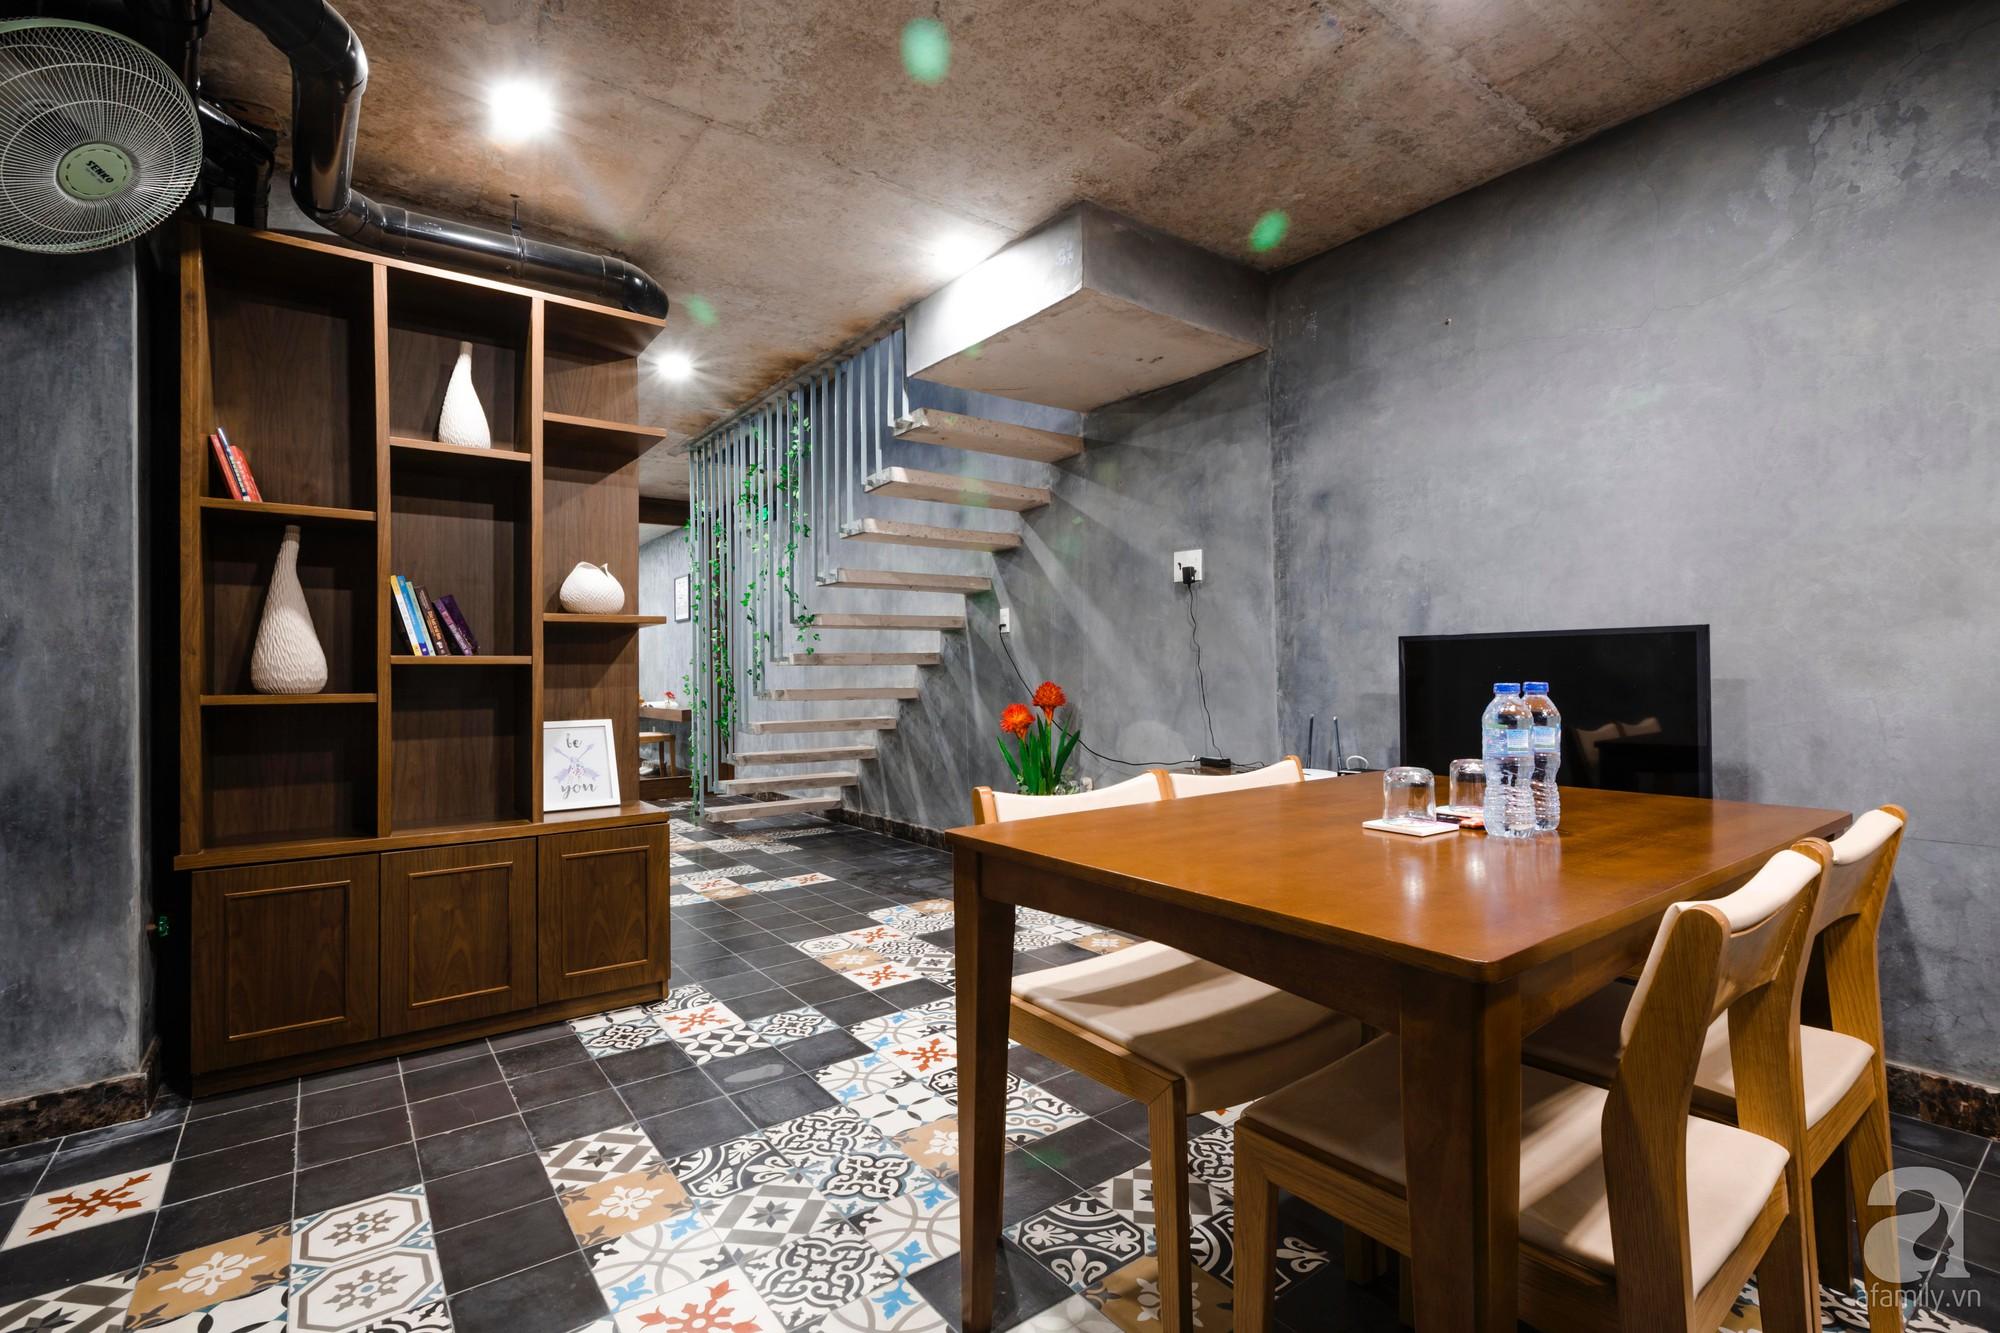 Căn hộ 55m² được cải tạo từ tầng hầm đẹp bất ngờ với điểm nhấn màu xanh biển mát lành ở TP HCM - Ảnh 5.